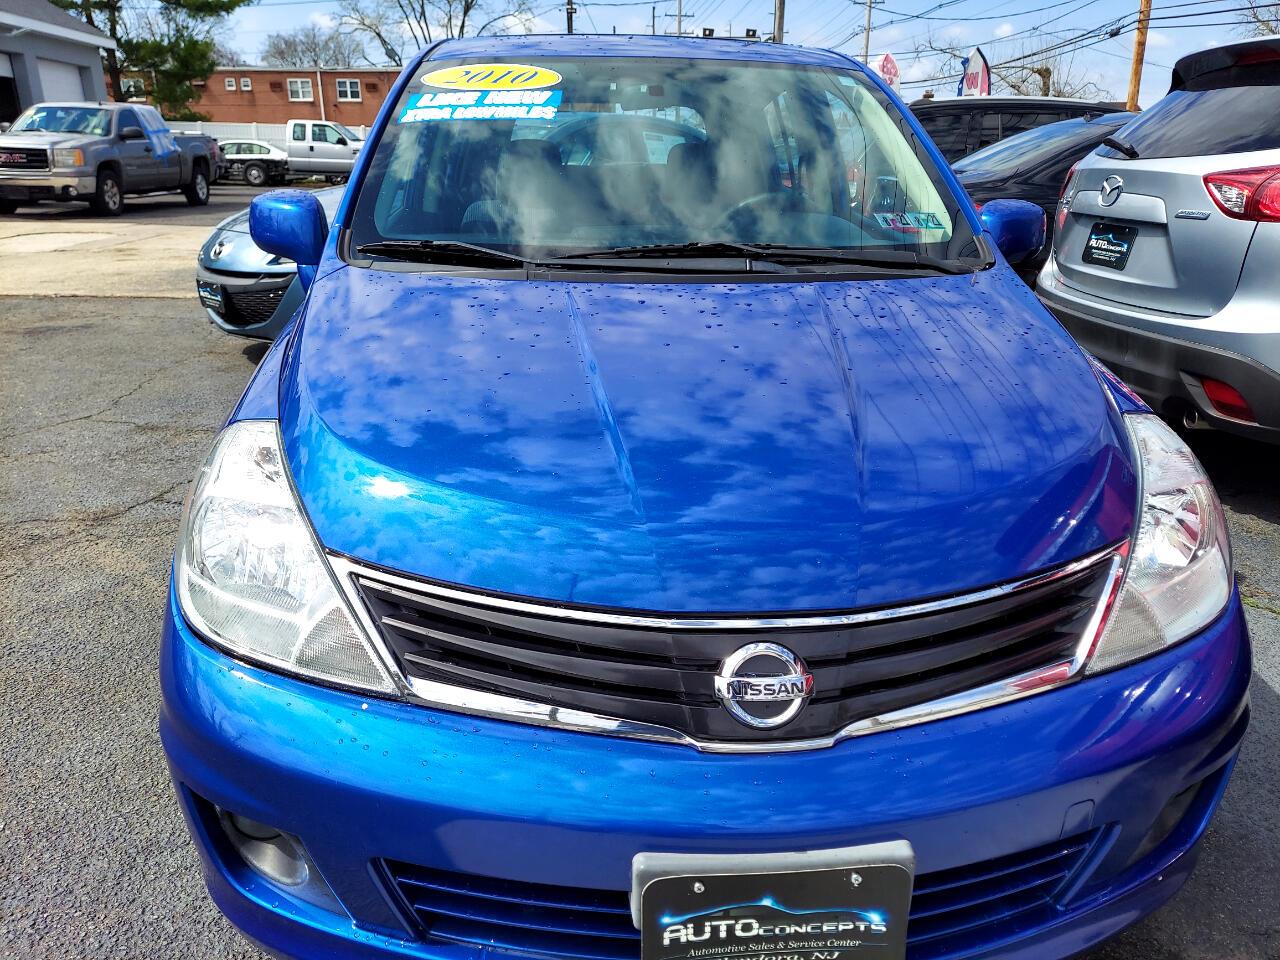 Nissan Versa 1.8 SL Hatchback 2010